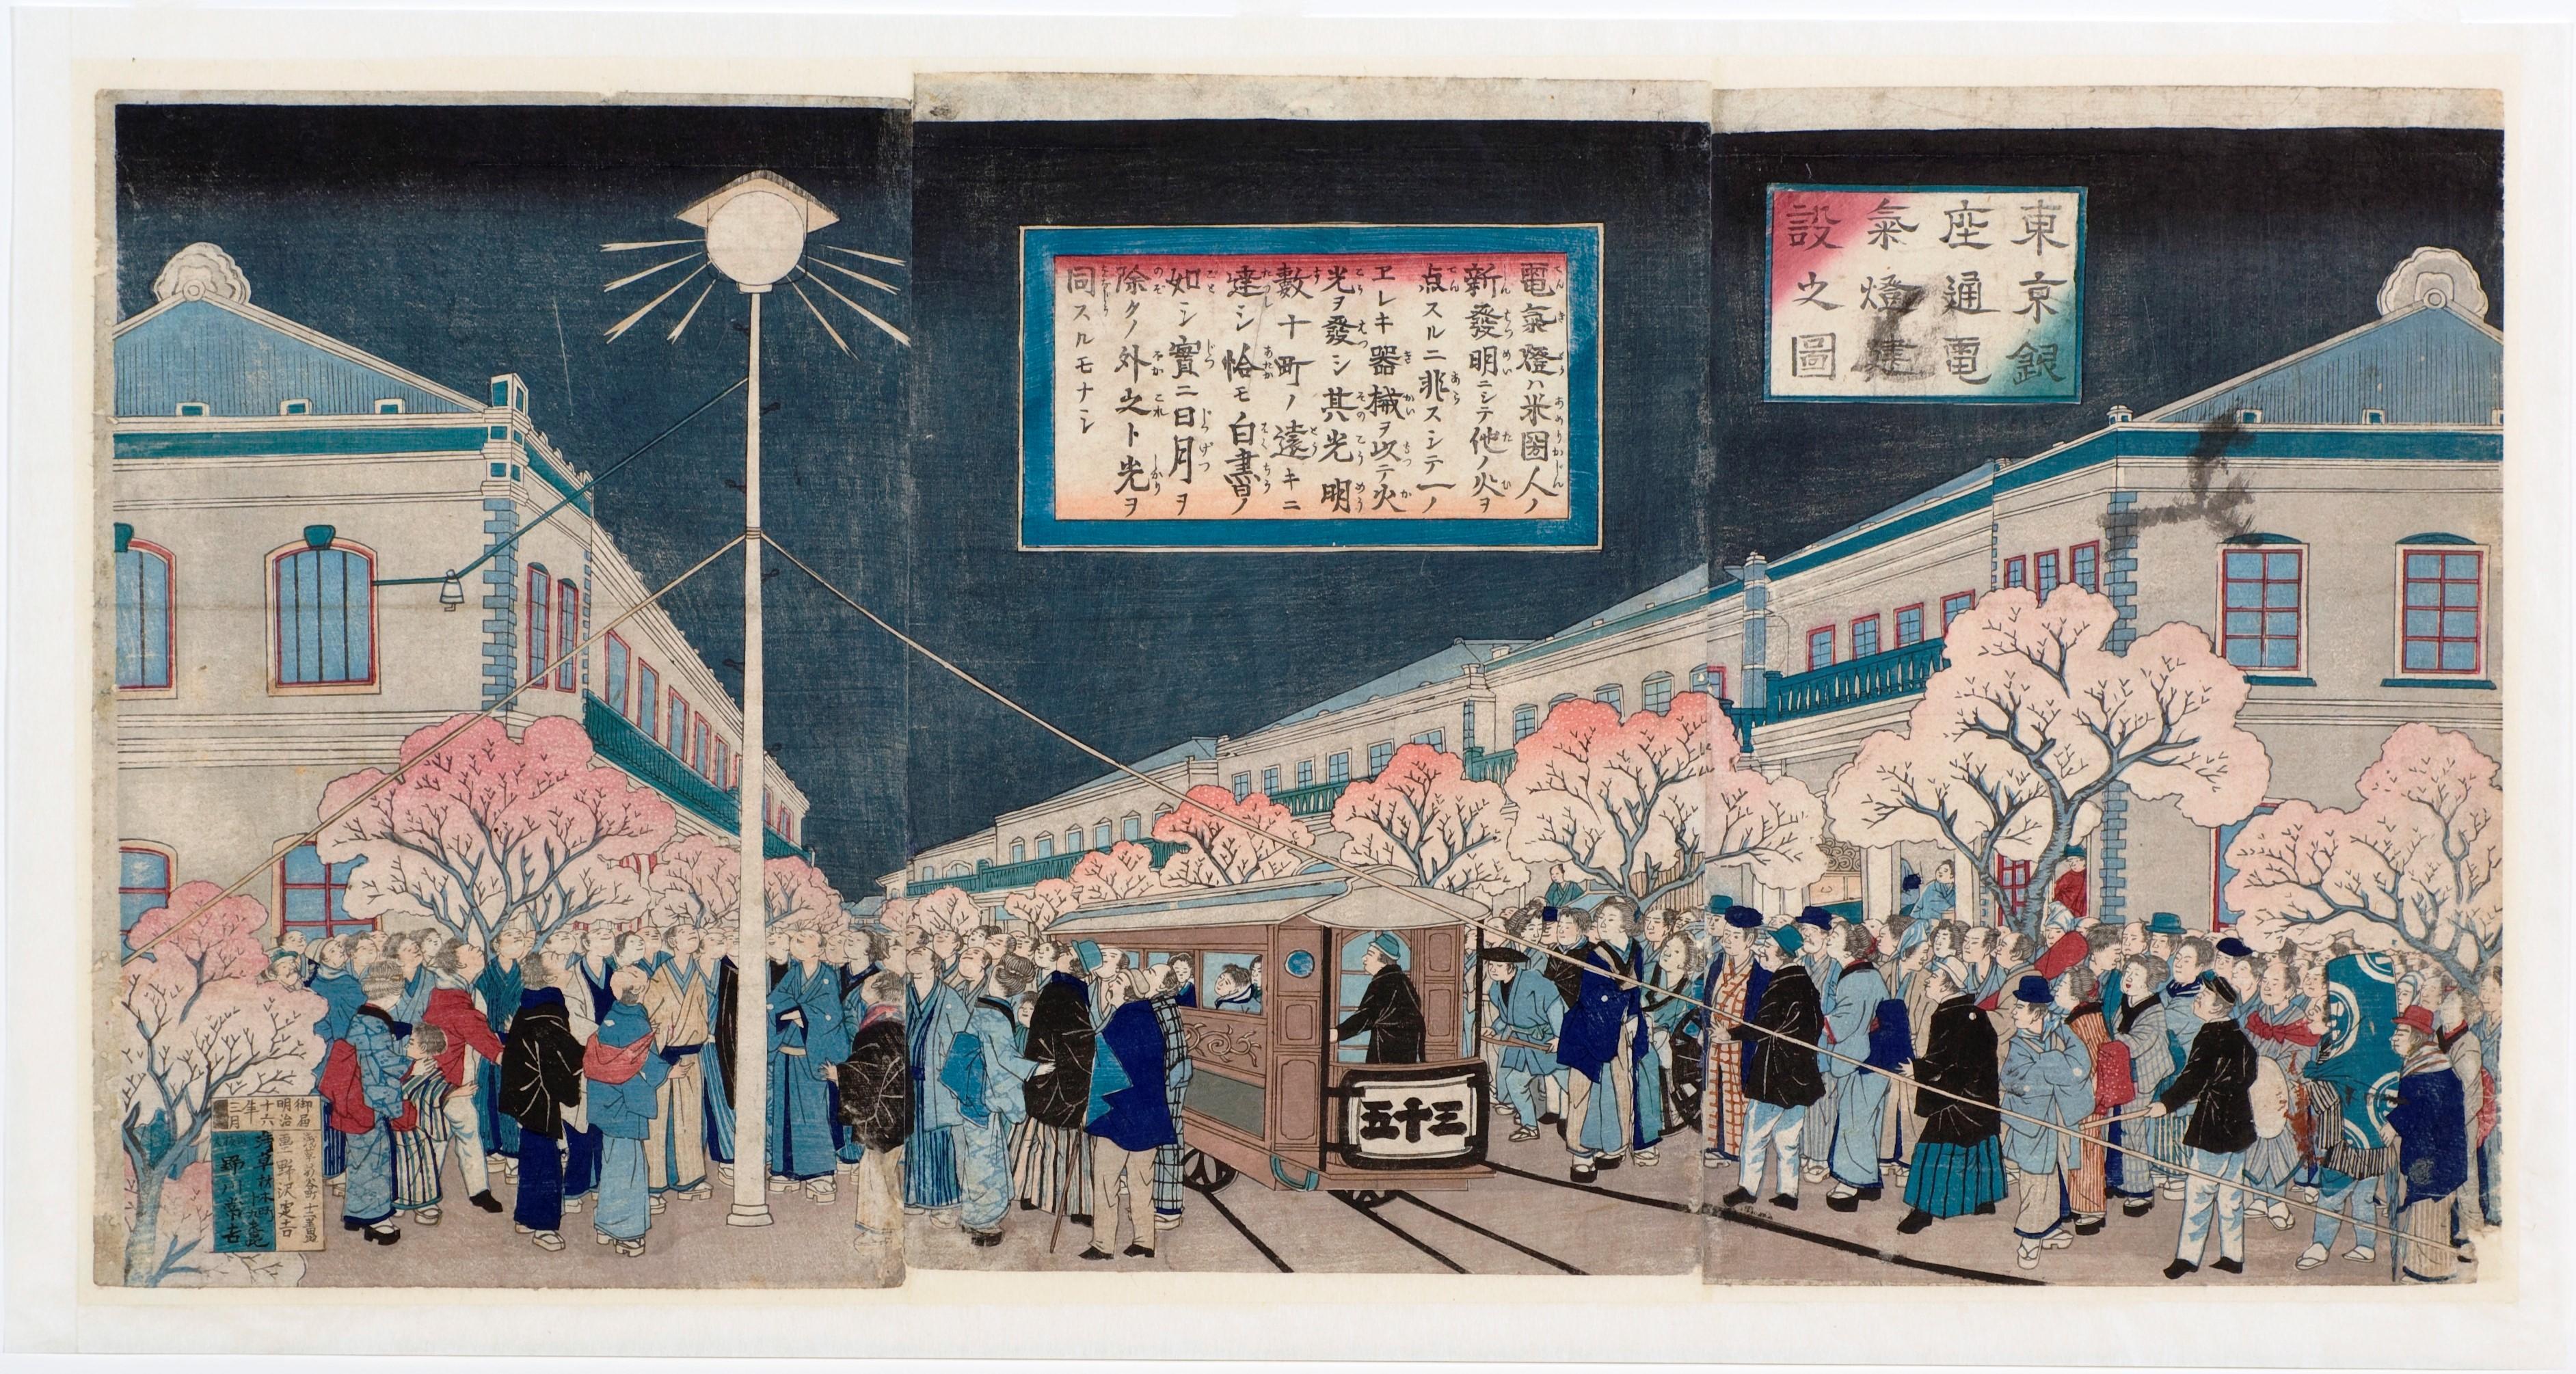 120年の歴史を紐解く。アナログとデジタルが融合する記念展示会を大倉集古館で開催 -- 東京経済大学